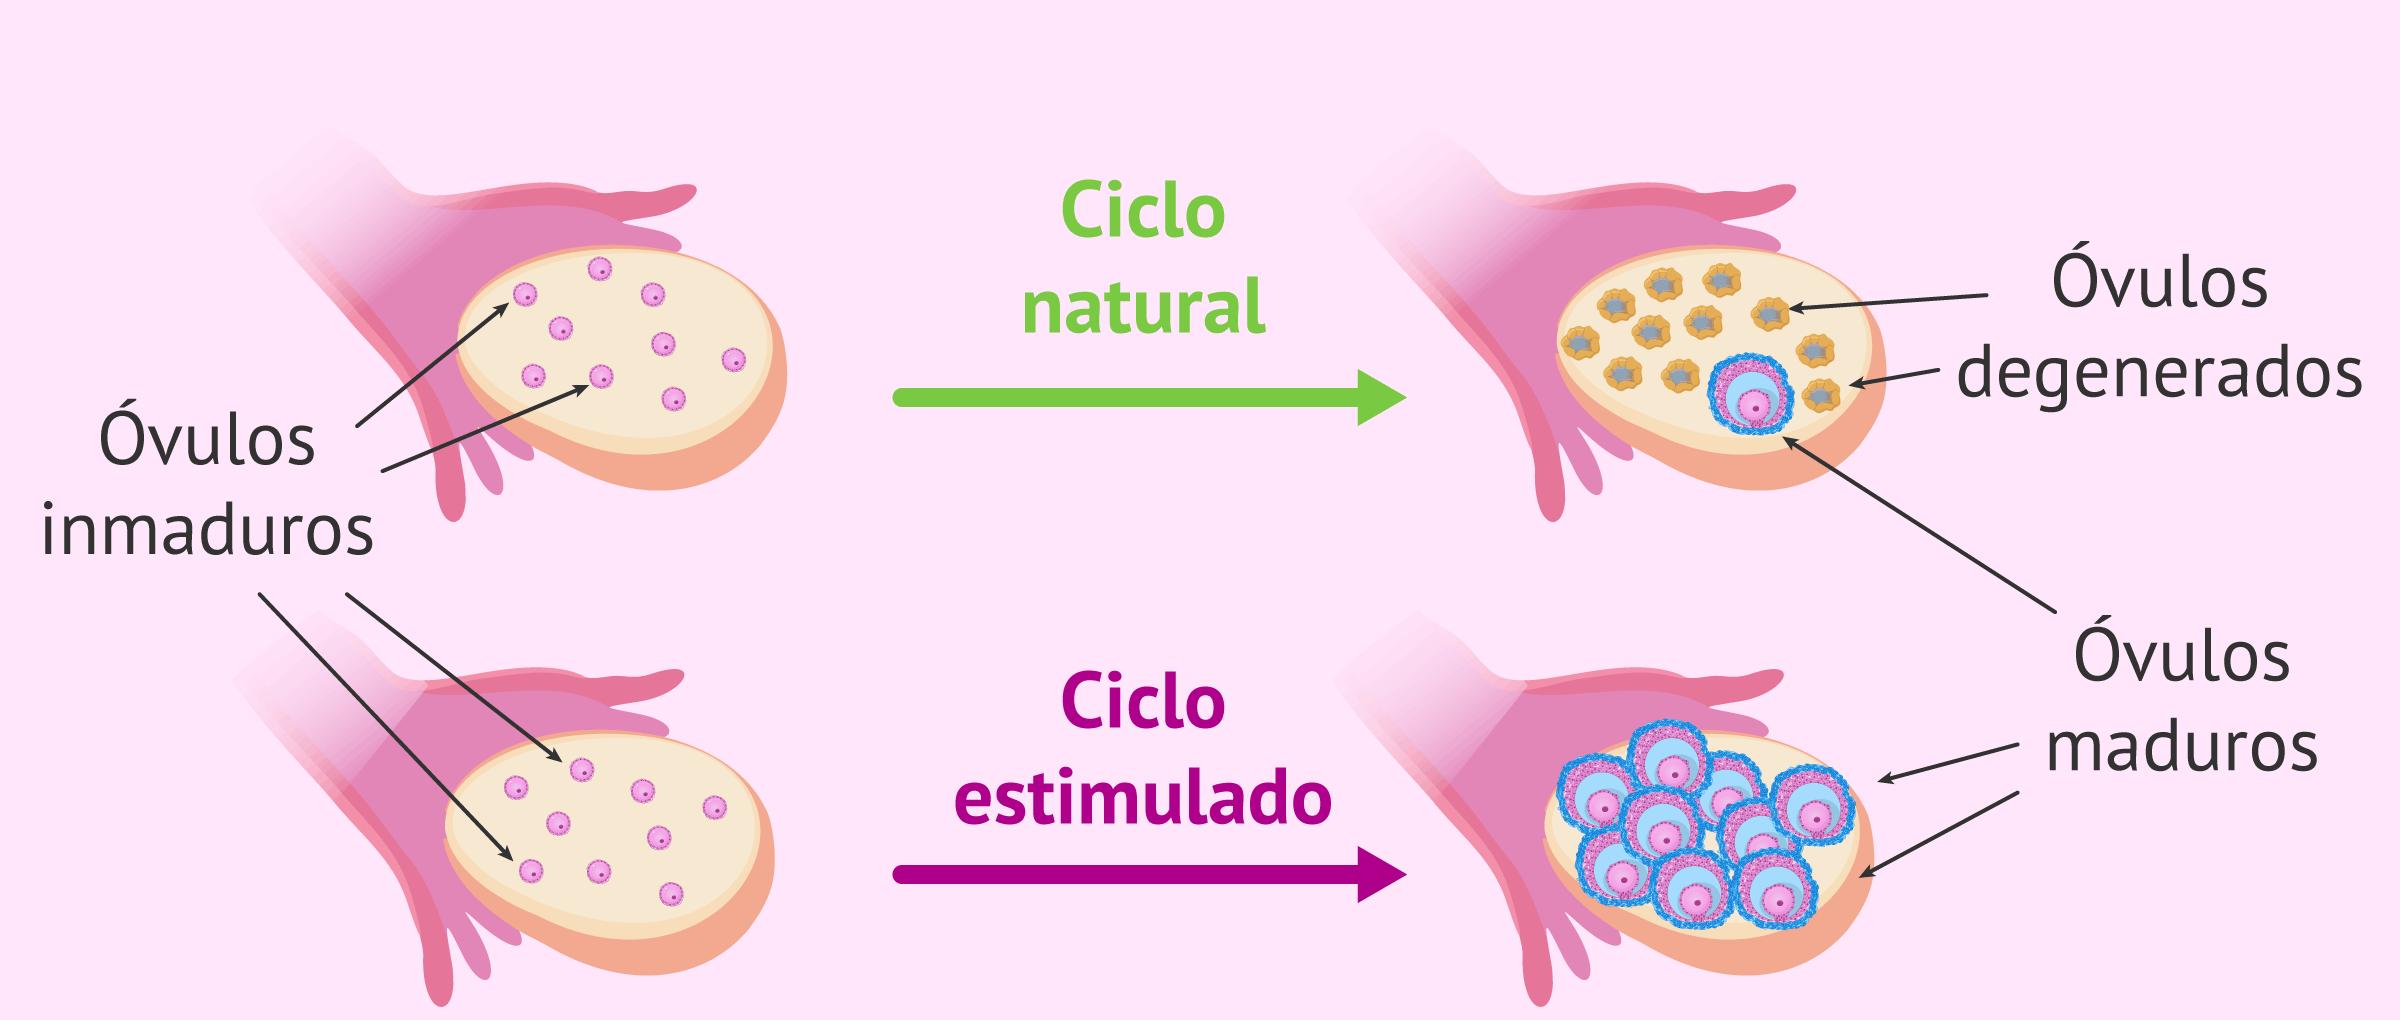 Comparativa de un ciclo natural y un ciclo estimulado